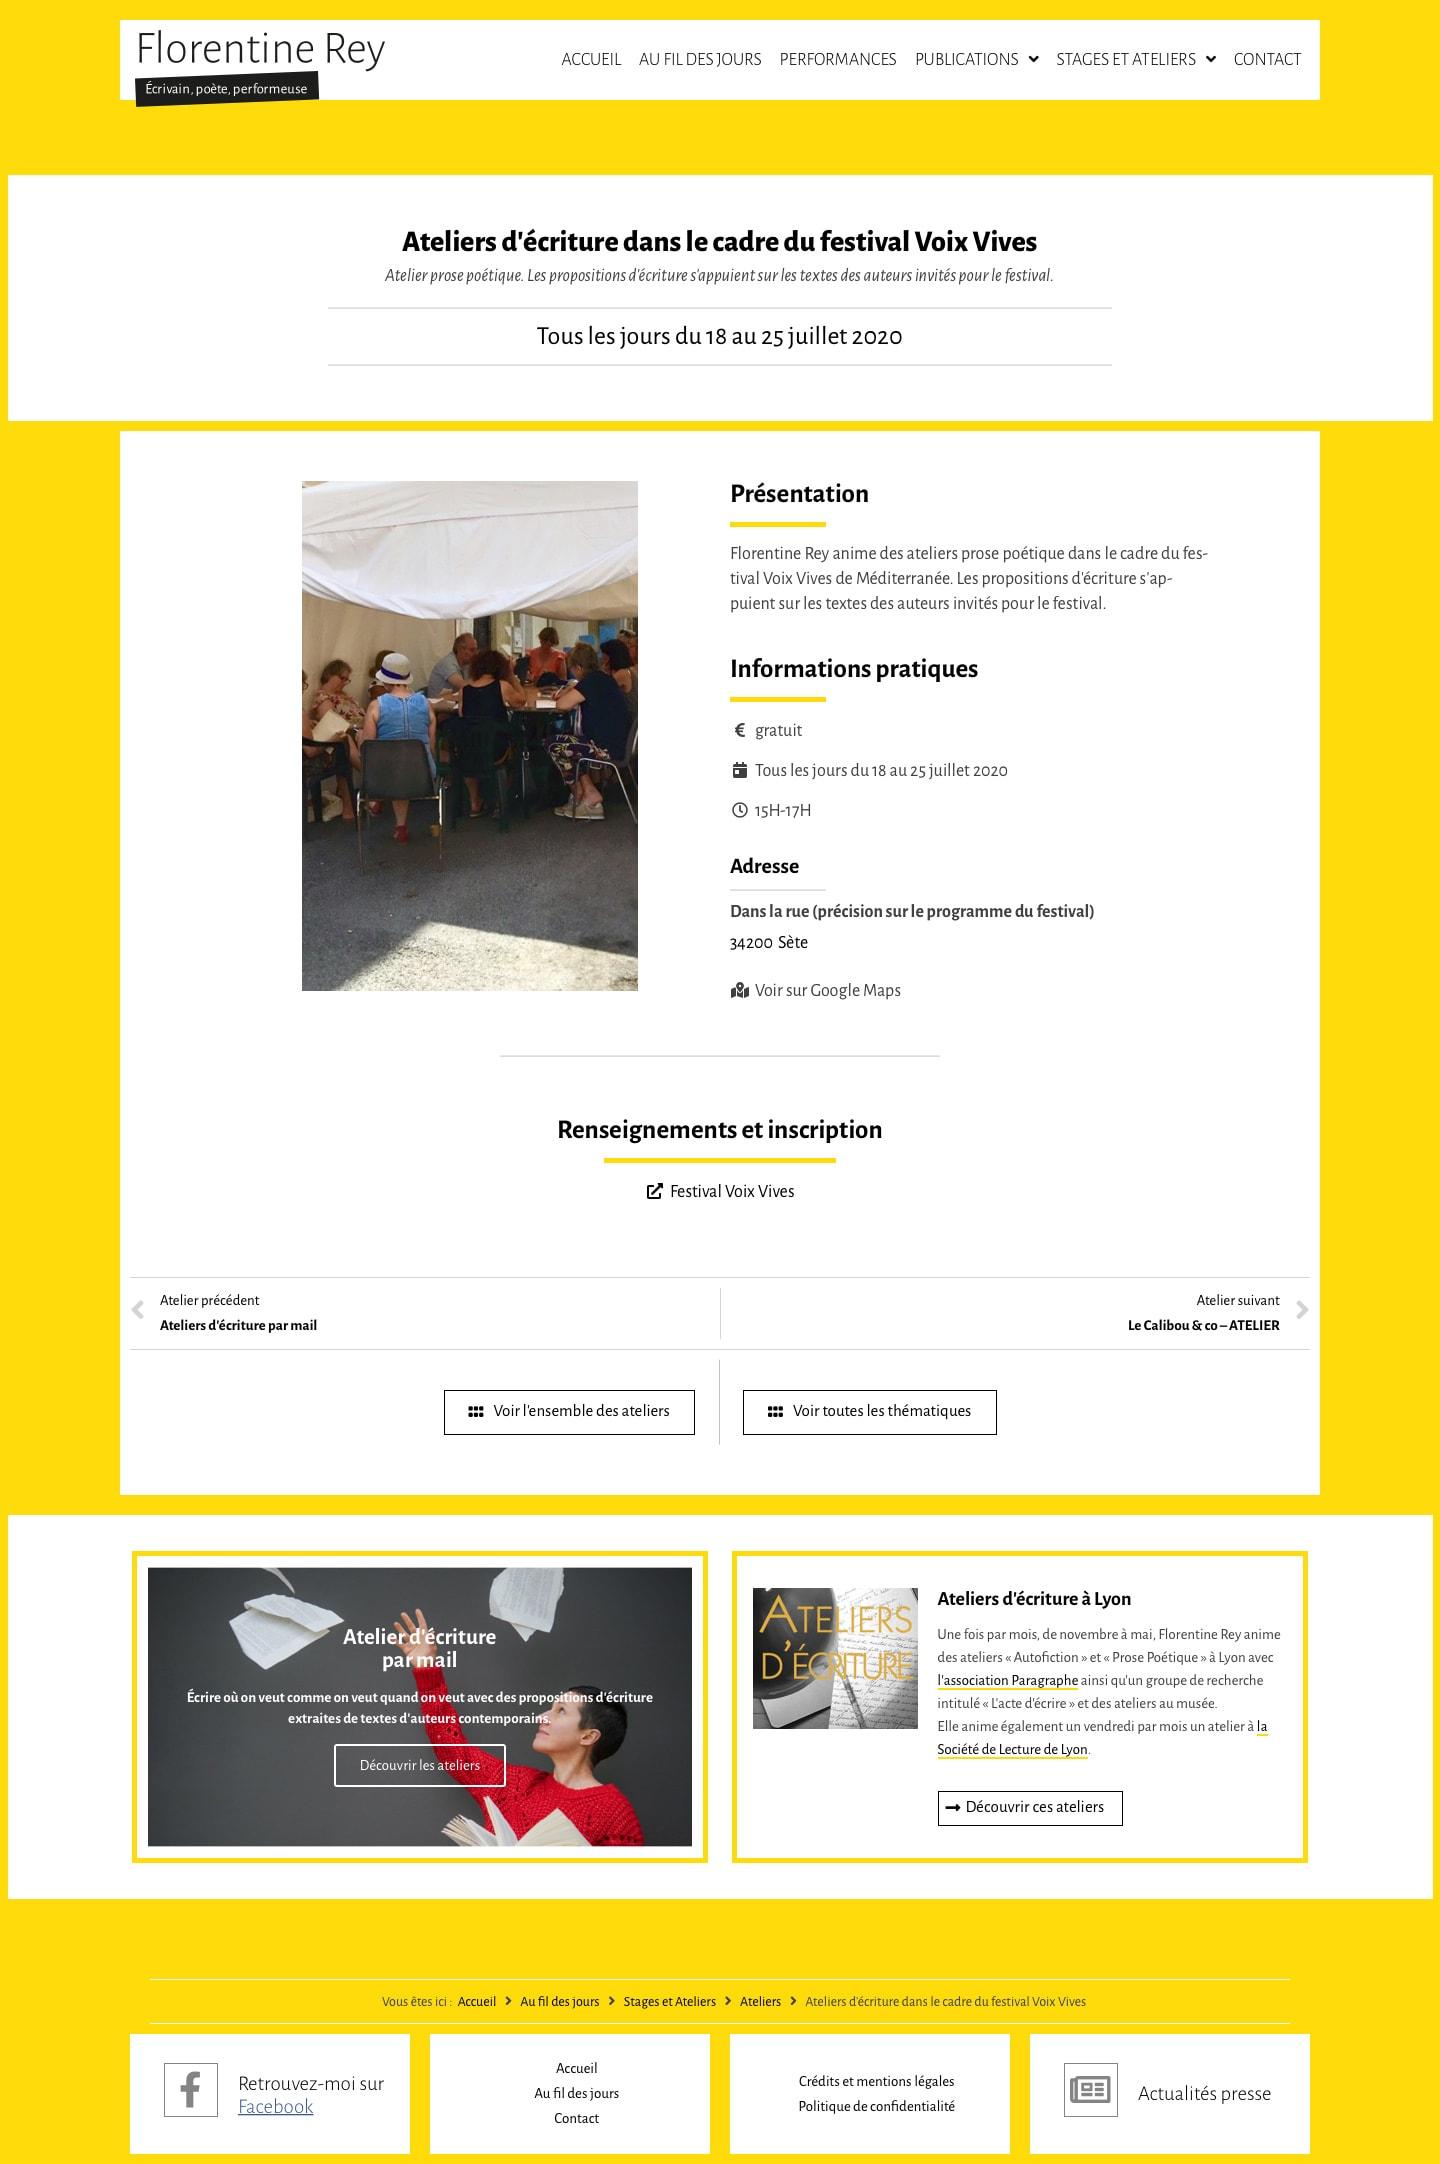 """Page """"Ateliers d'écriture dans le cadre du festival Voix Vives"""" de Florentine Rey"""